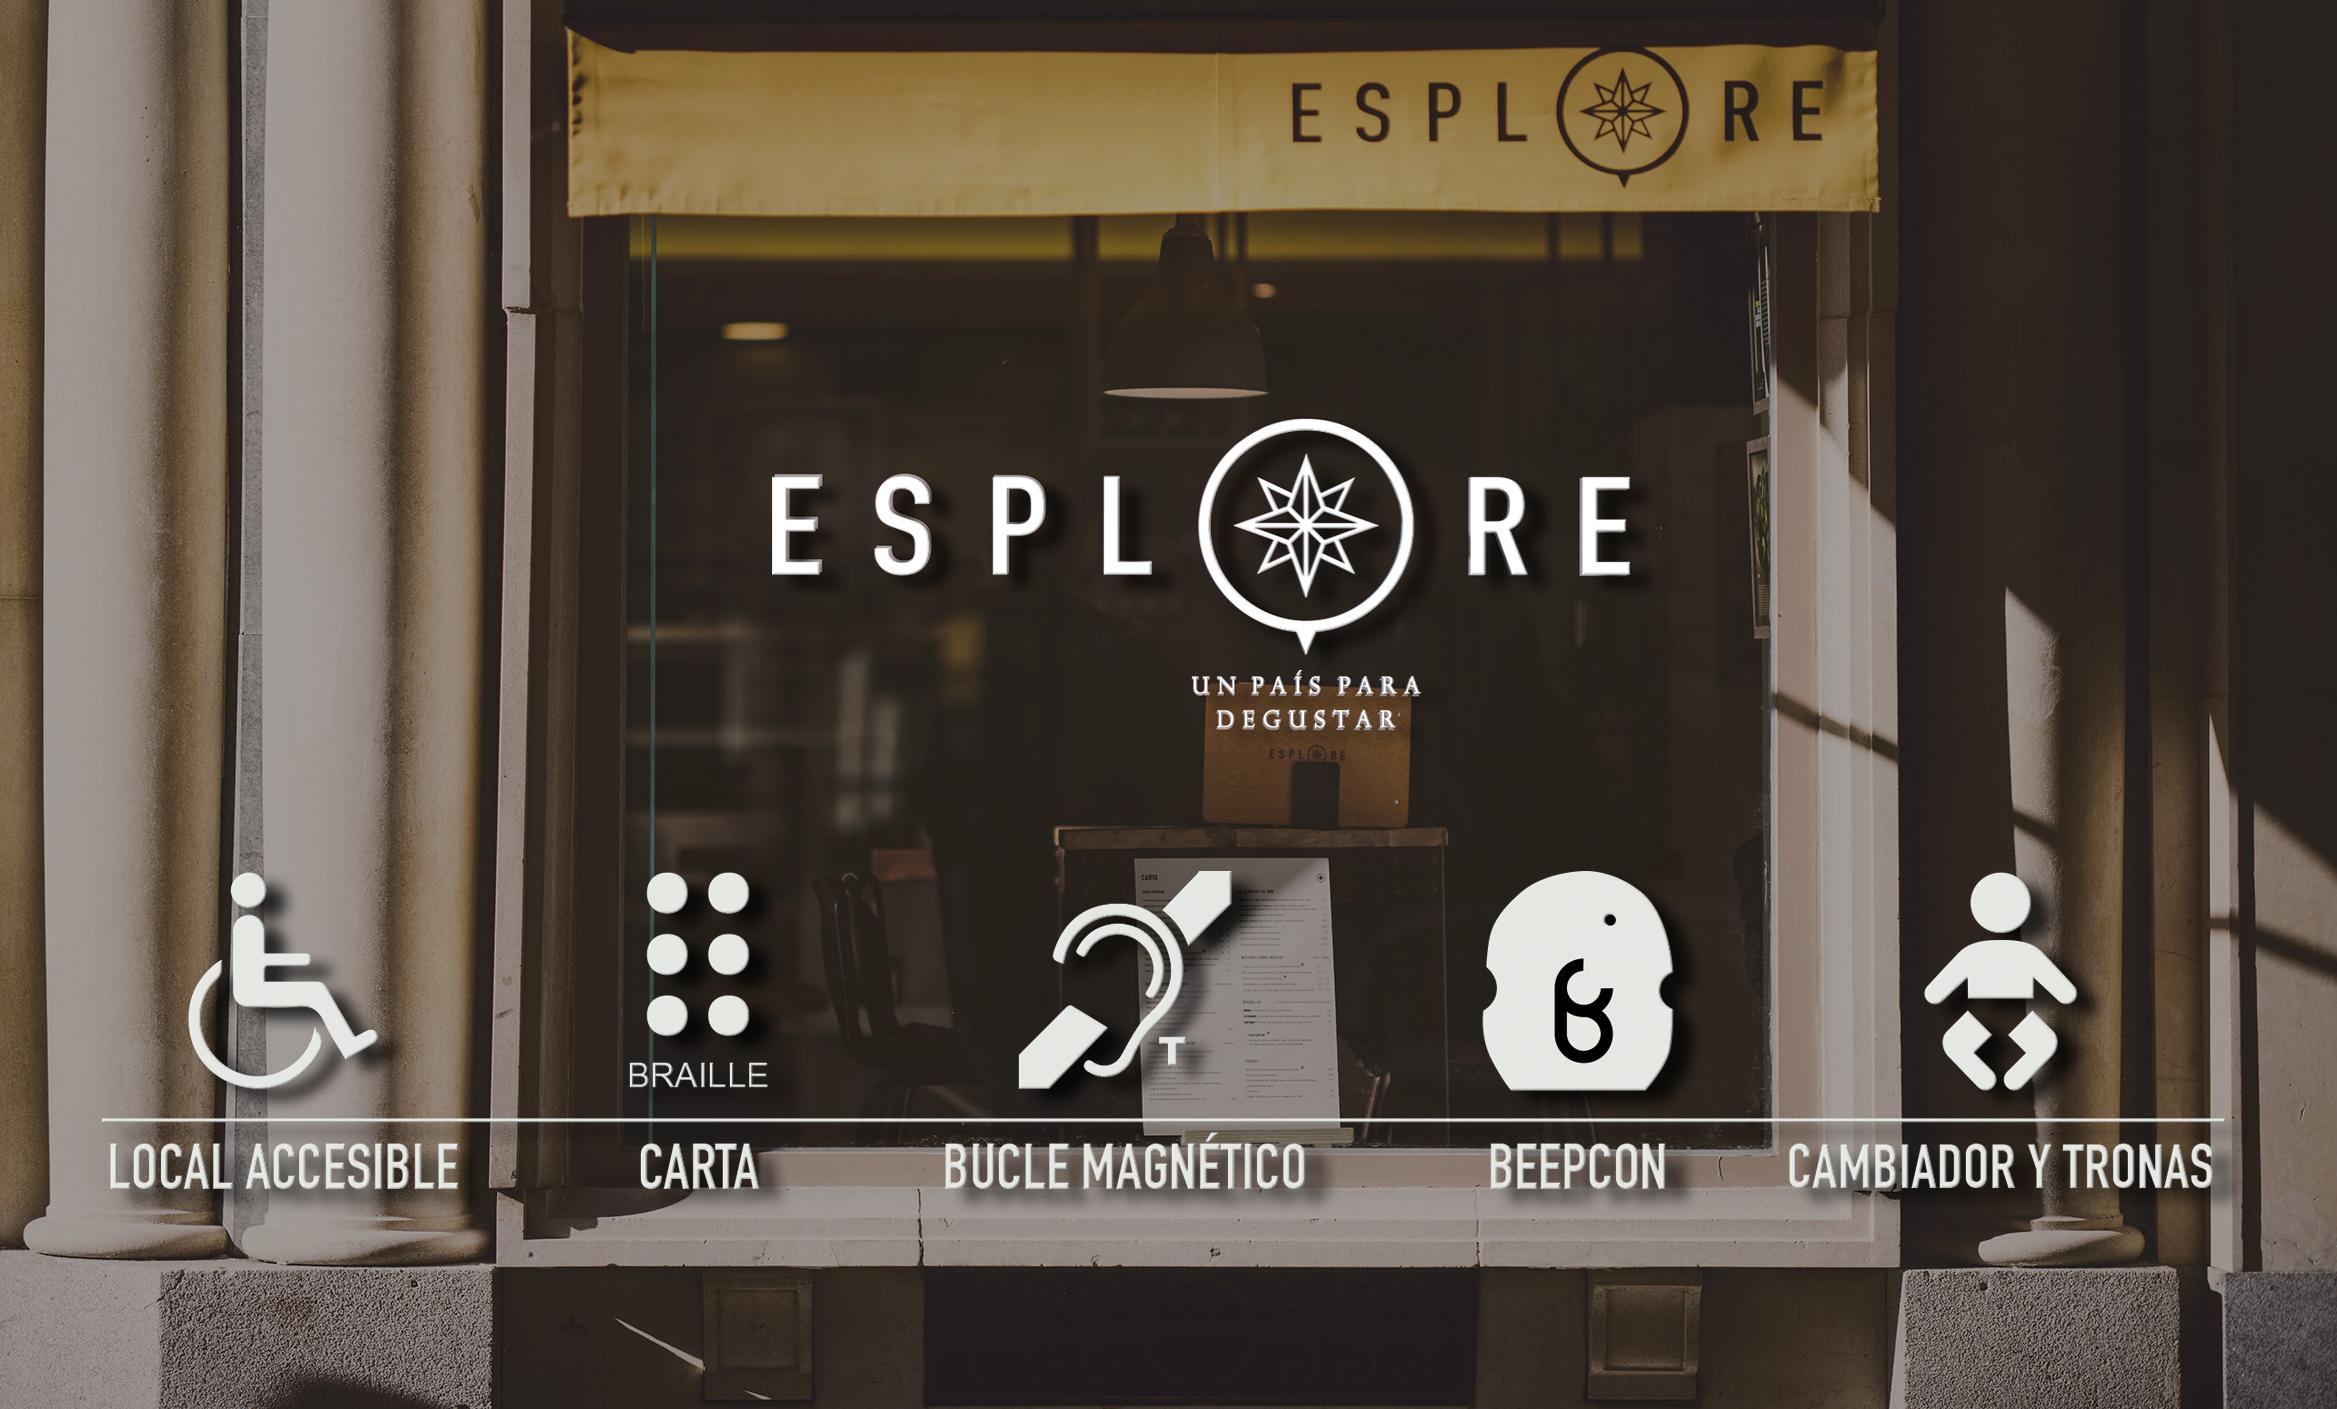 Imagen de Esplore con algunos iconos que muestran los elementos de accesibilidad